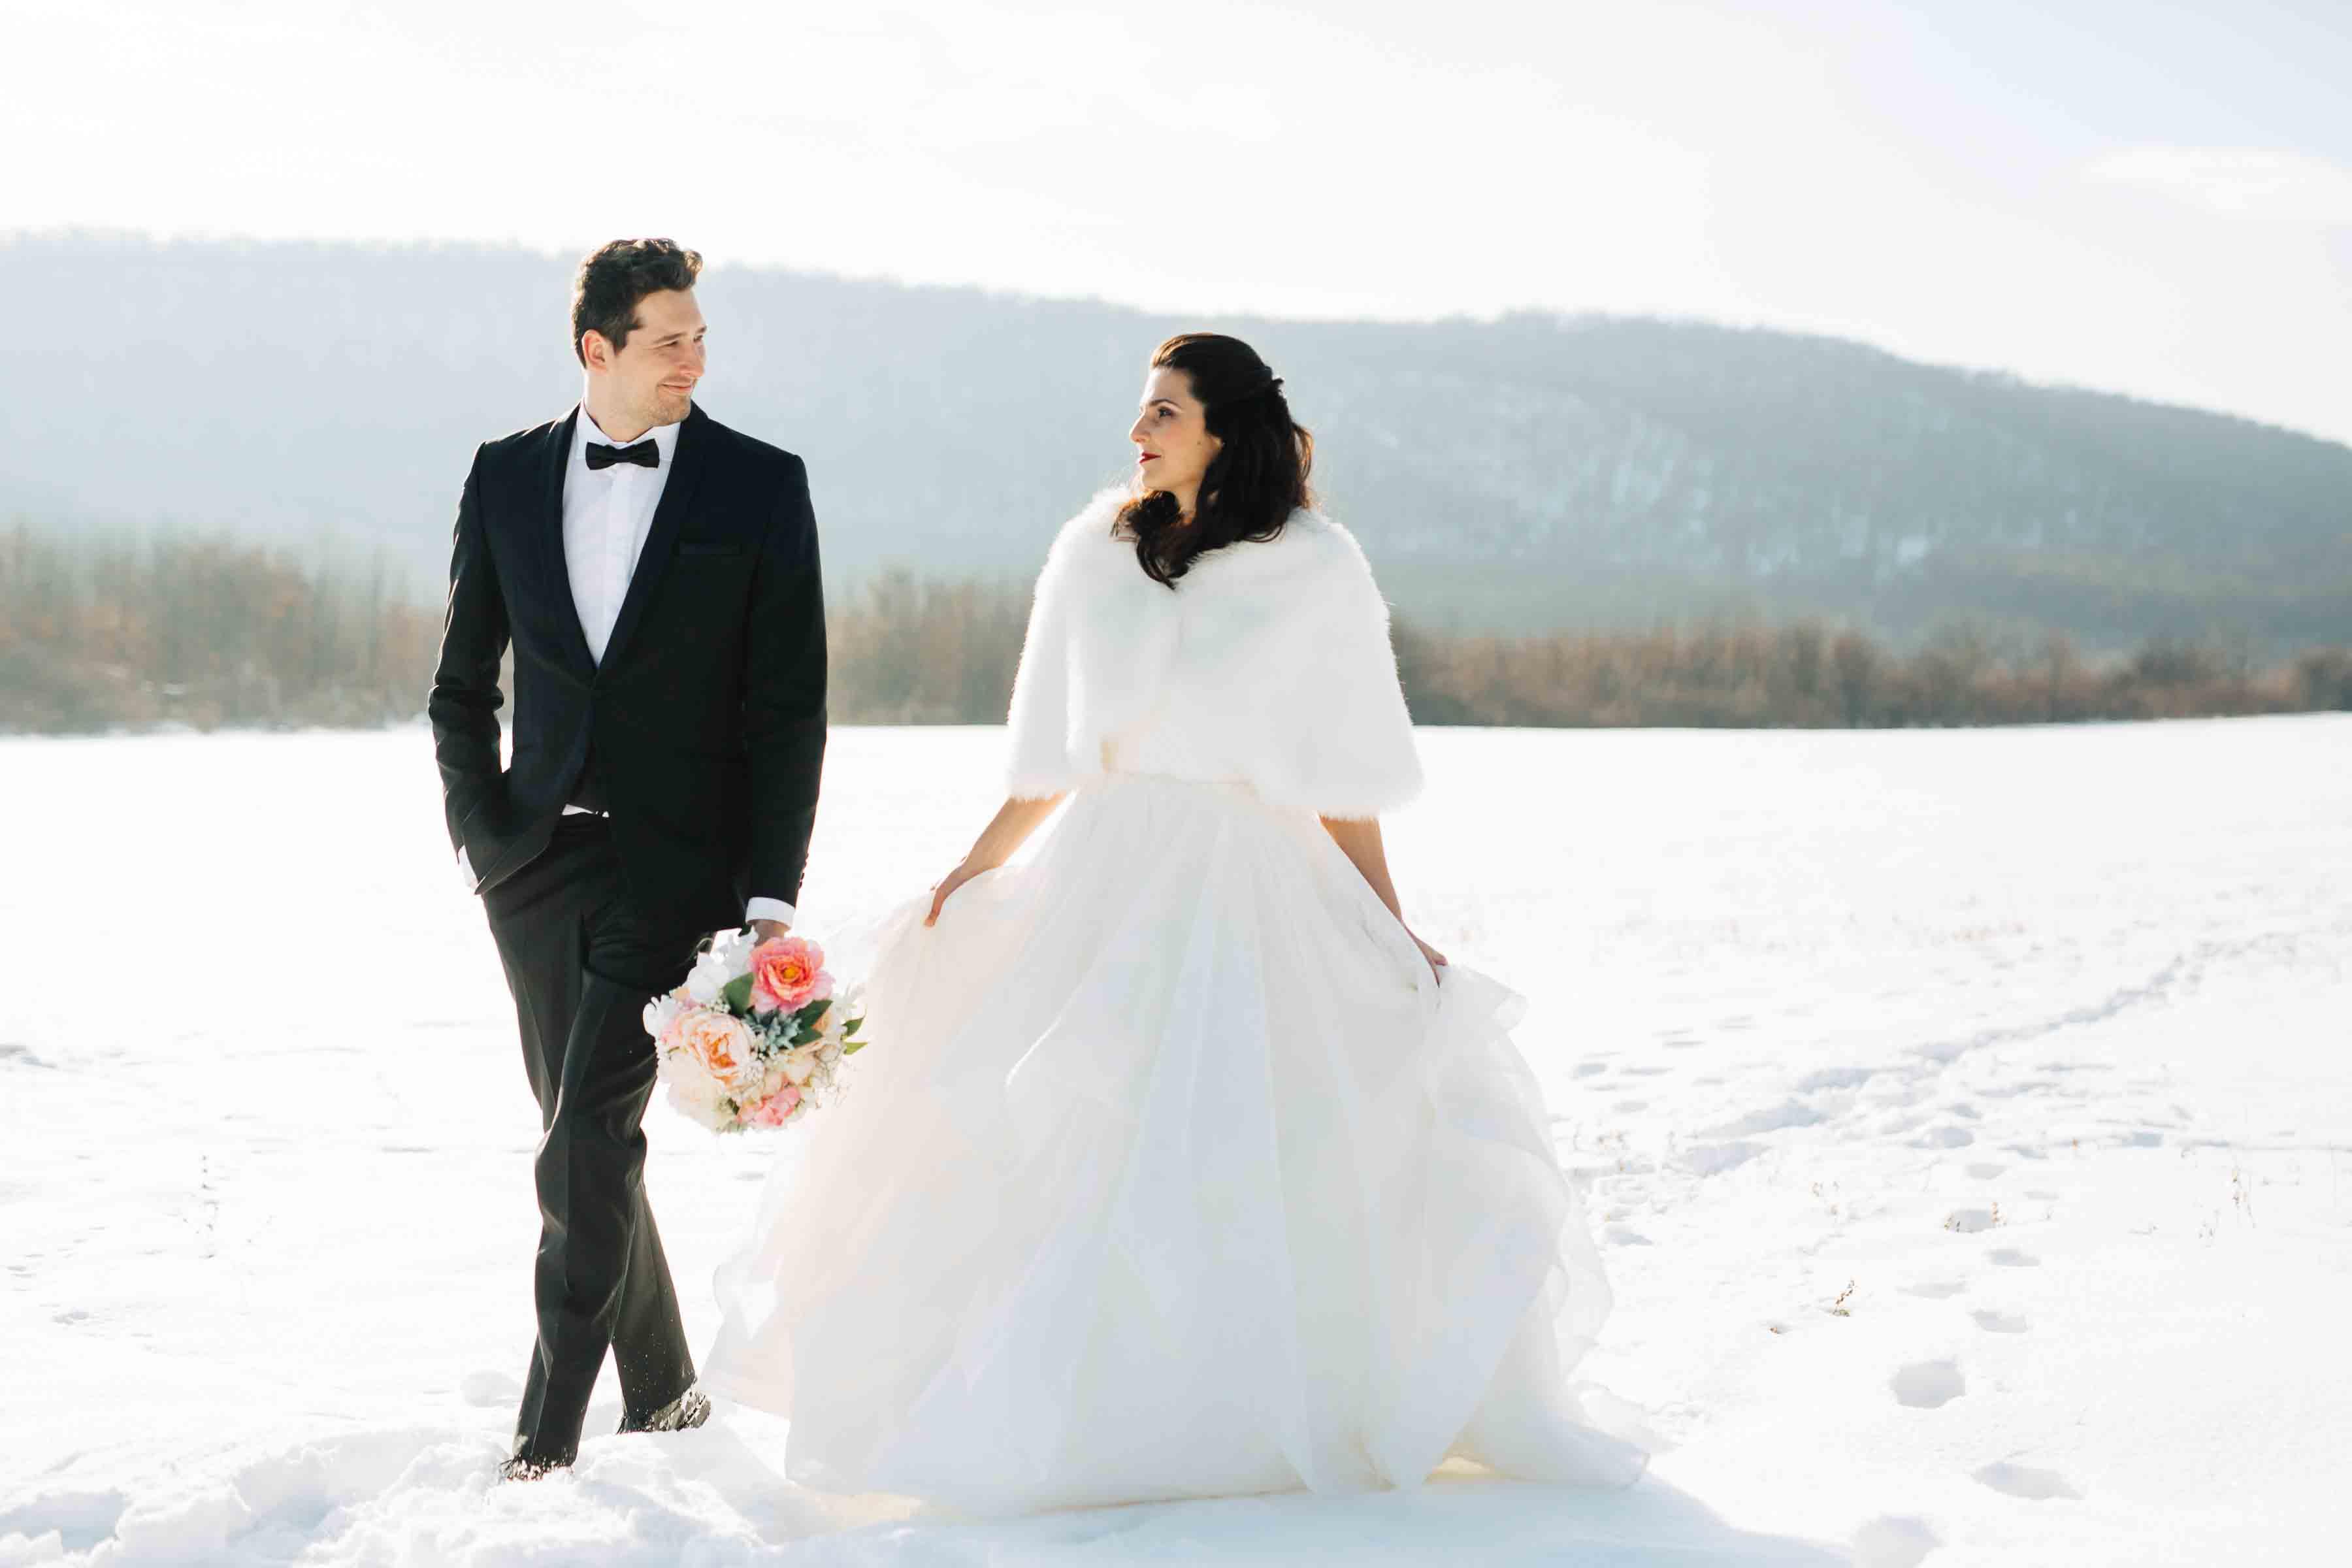 Ifjú pár sétál a hóban, Kép: sajtóanyag